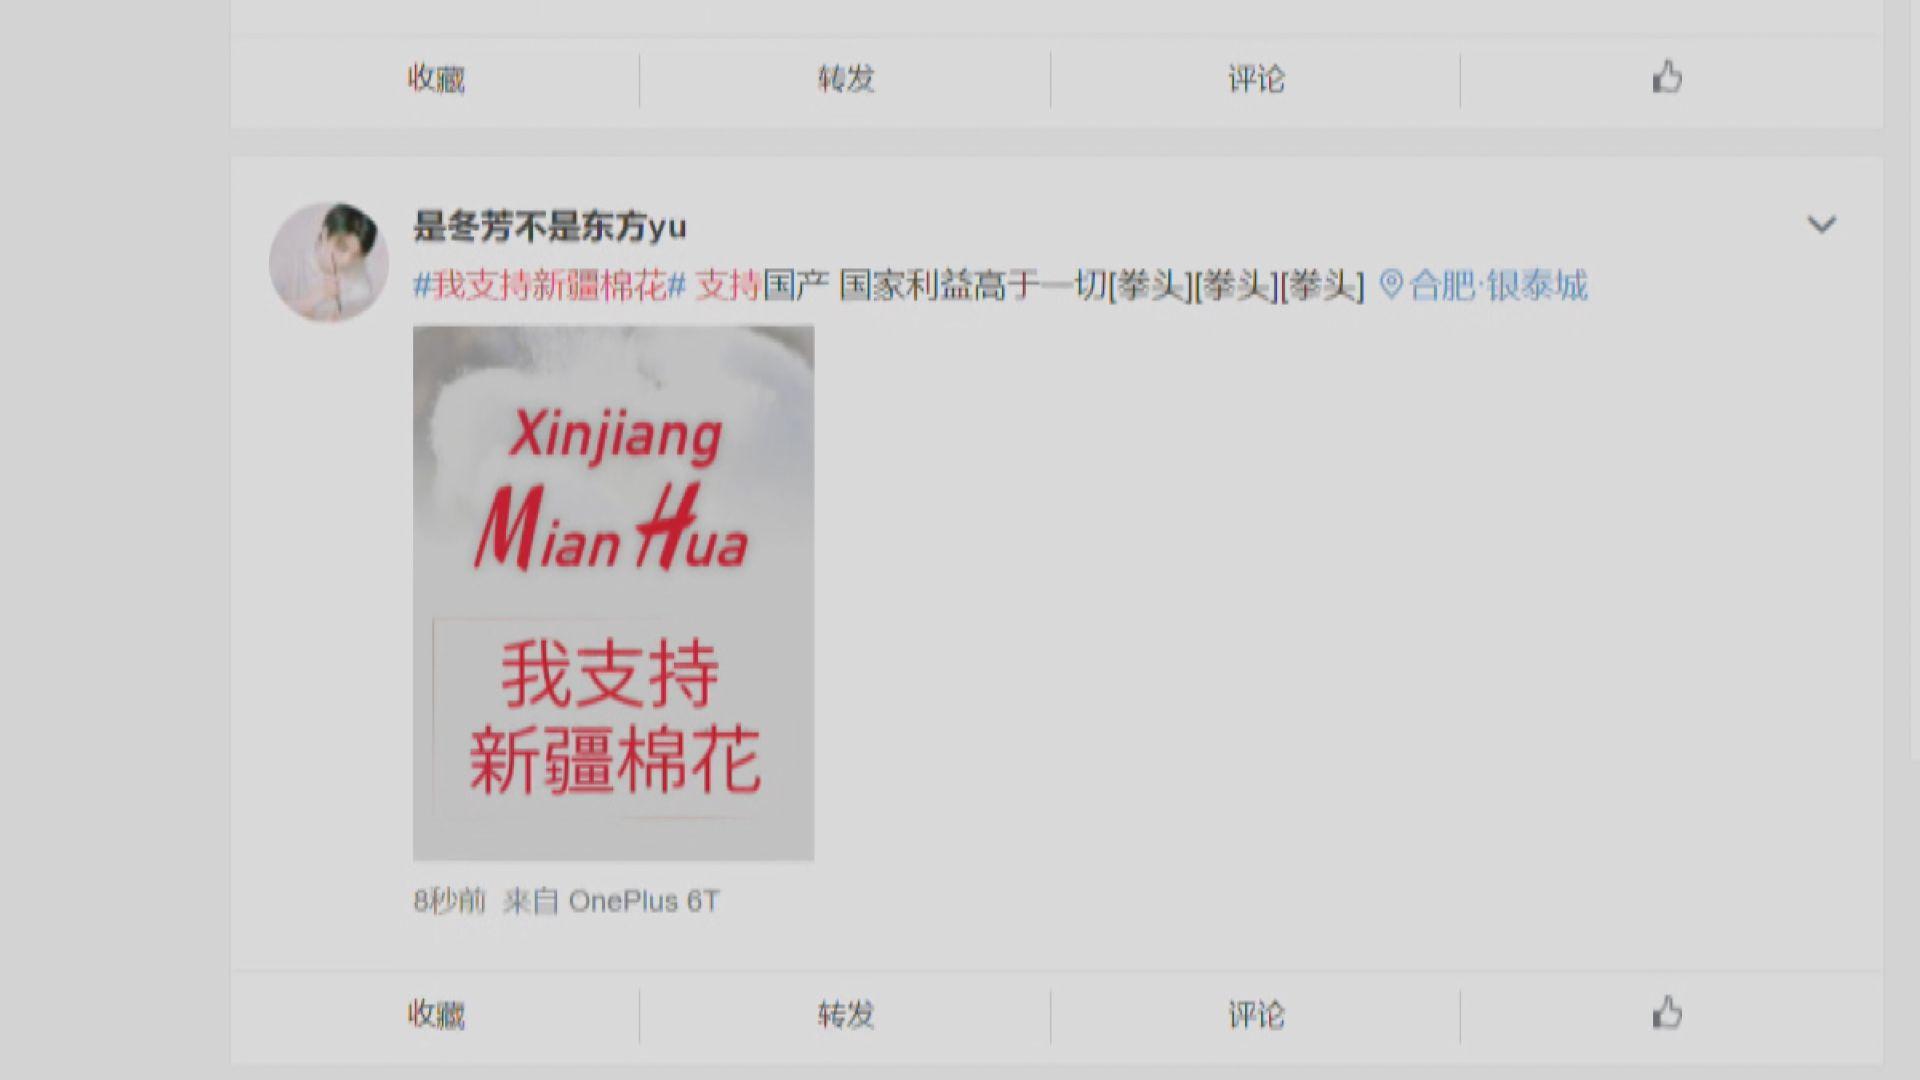 H&M拒用新疆棉花內地惹抵制潮 有品牌表明續用新疆棉花